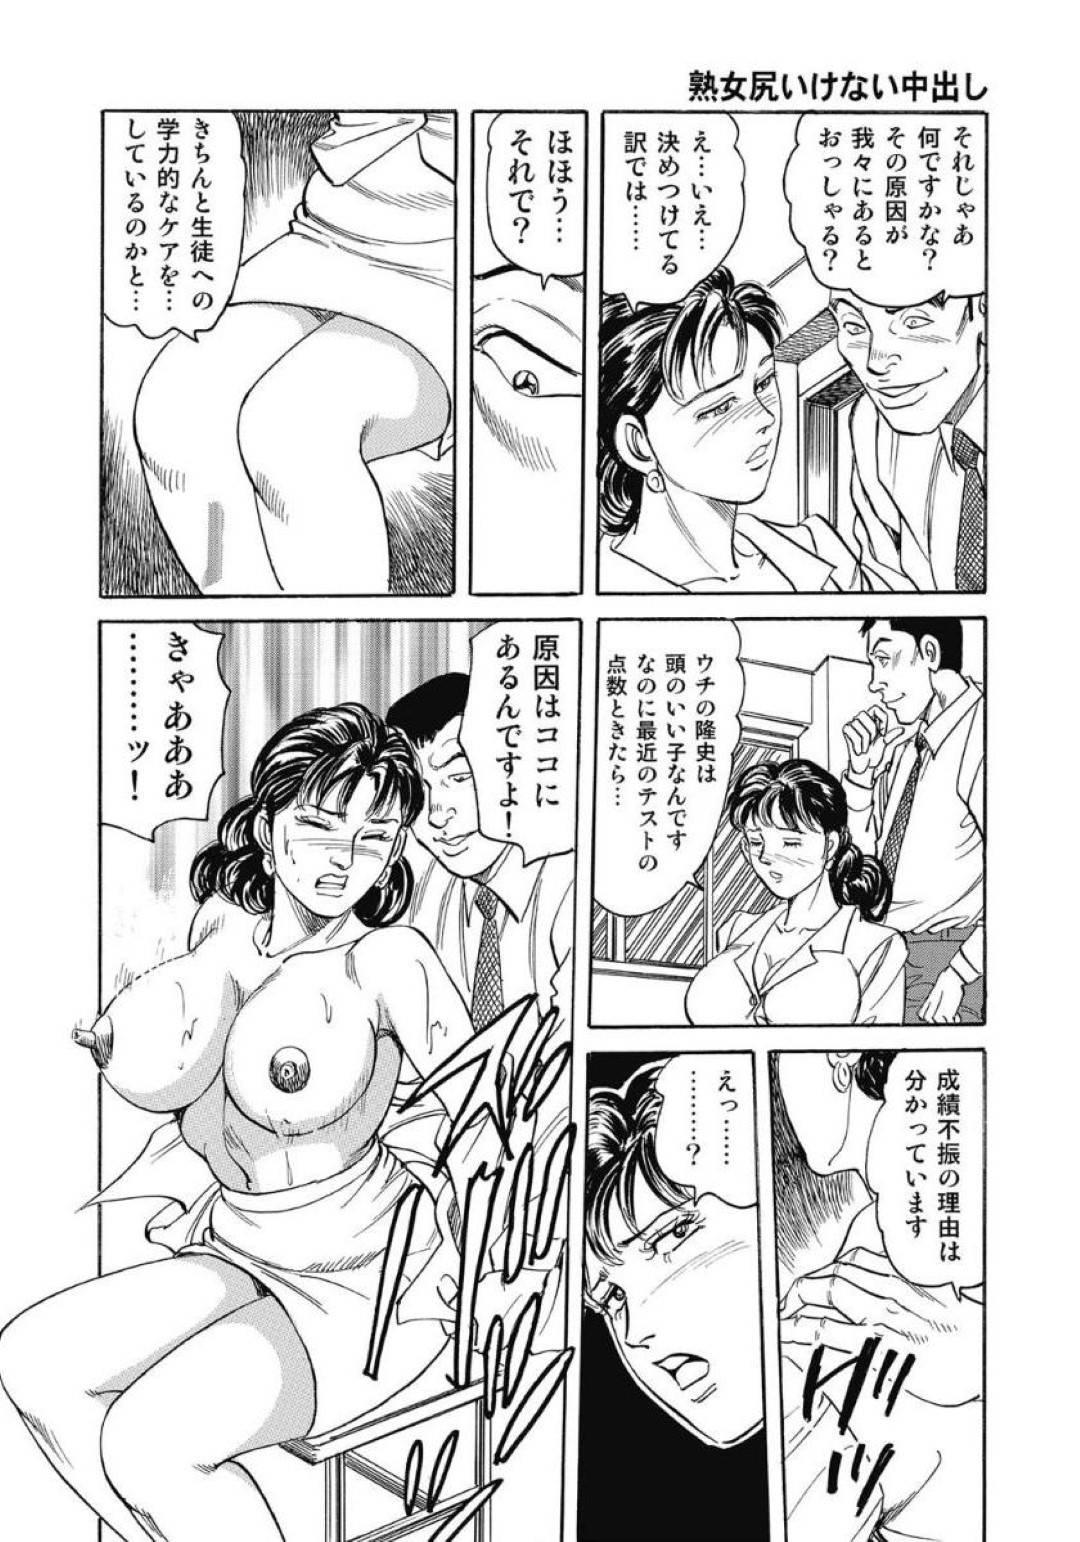 【母息子エロ漫画】息子に成績が下がり過保護な母は、塾にクレームを入れるとアナルセックスで犯され息子にバレると近親相姦セックスしてしまう【みずしま聖】